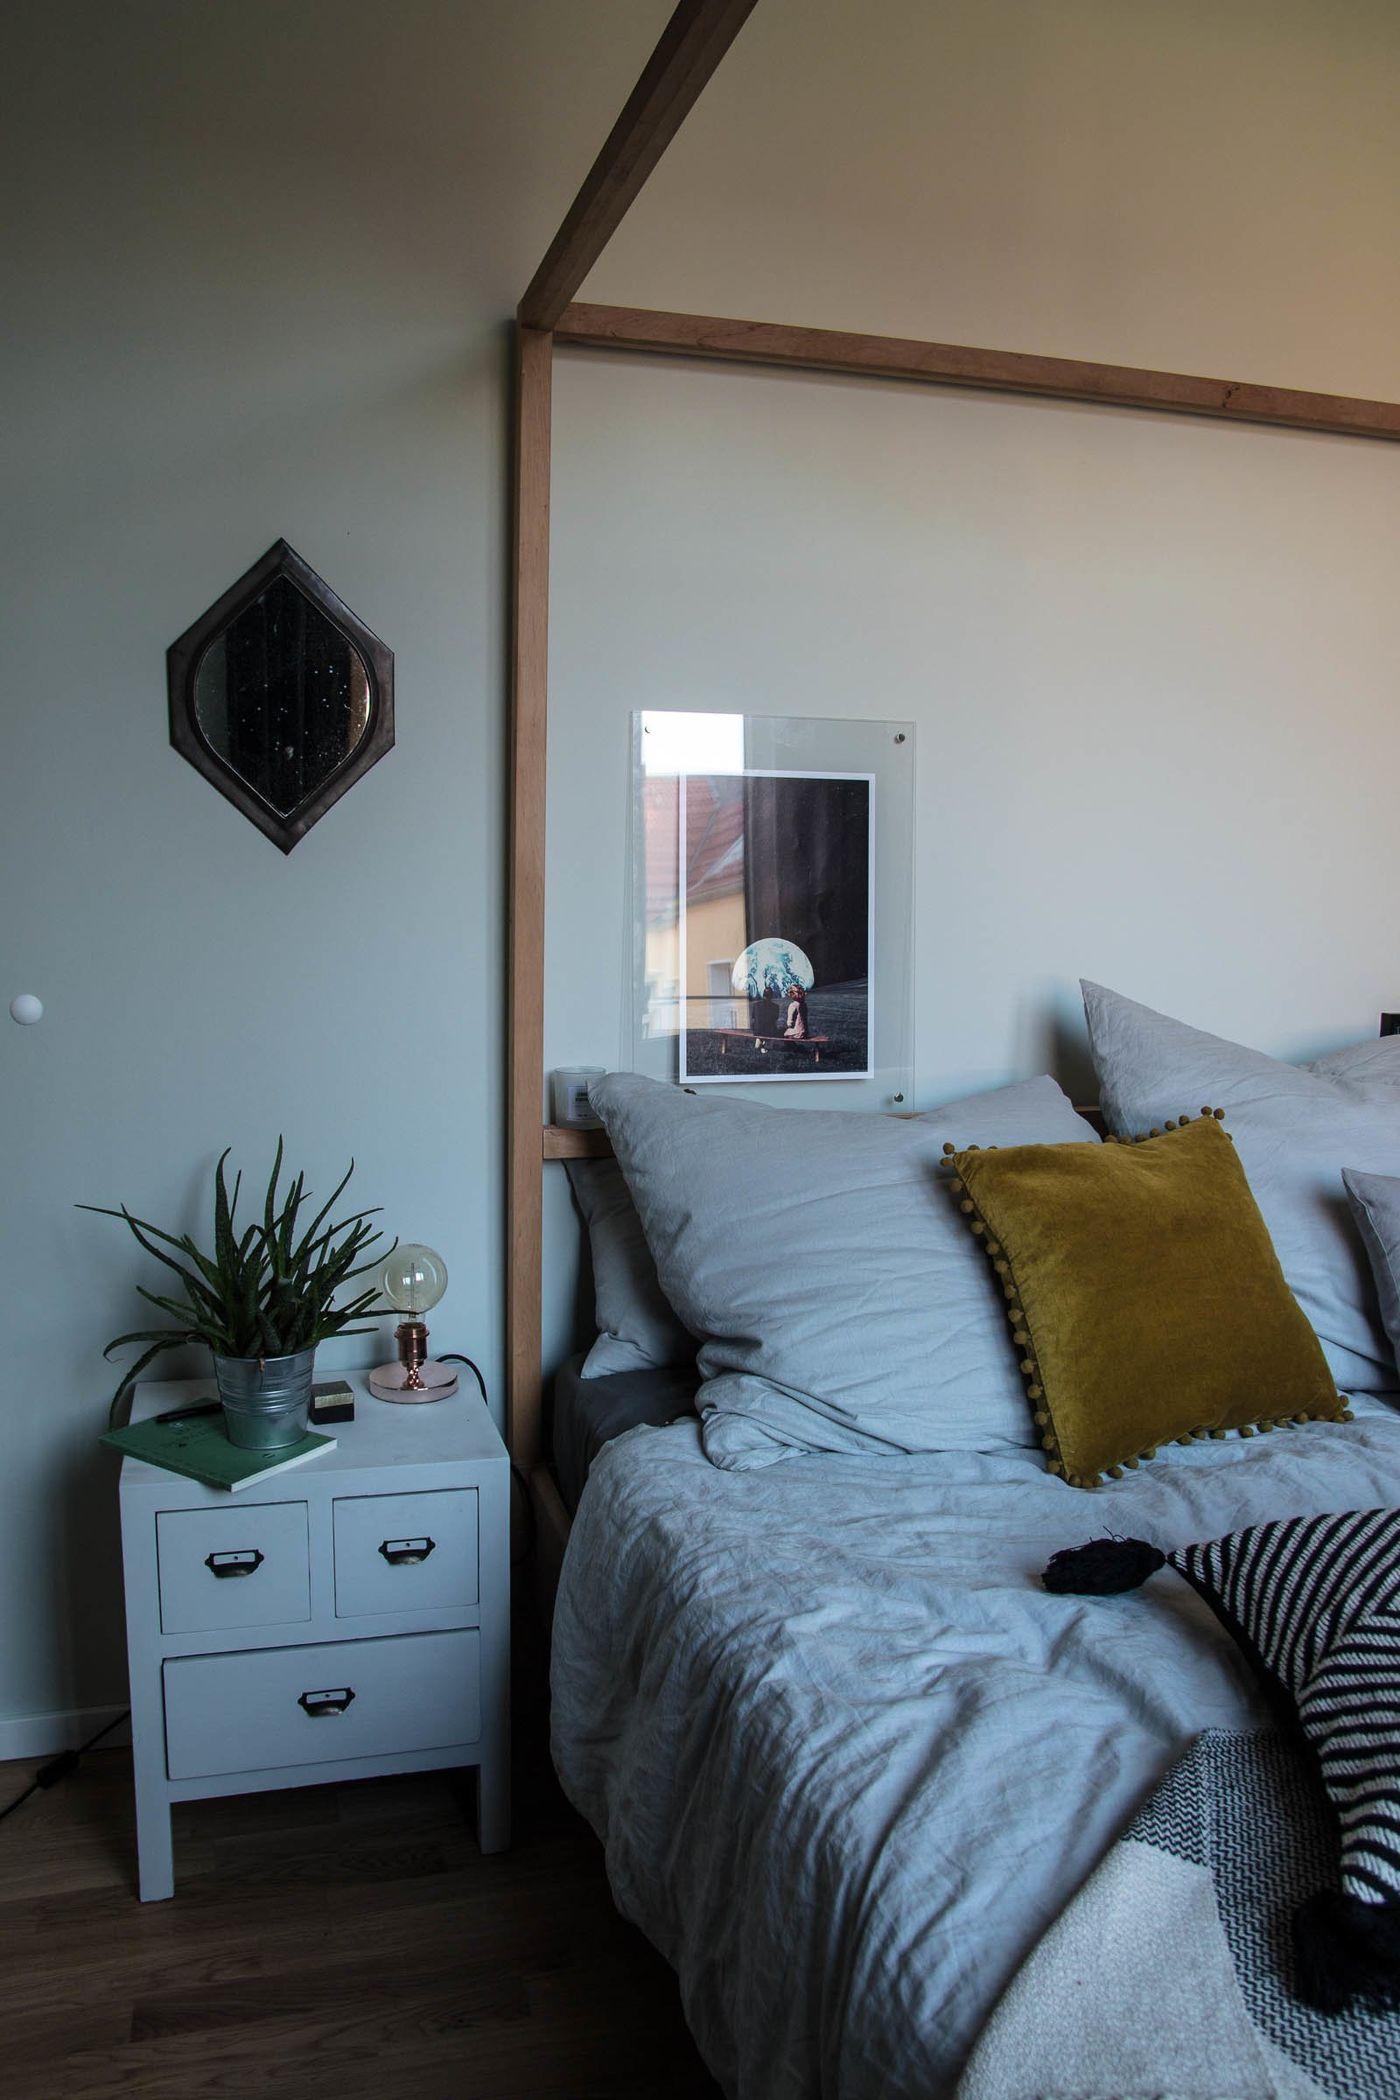 Schlafzimmer: Ideen zum Einrichten & Gestalten - Seite 300